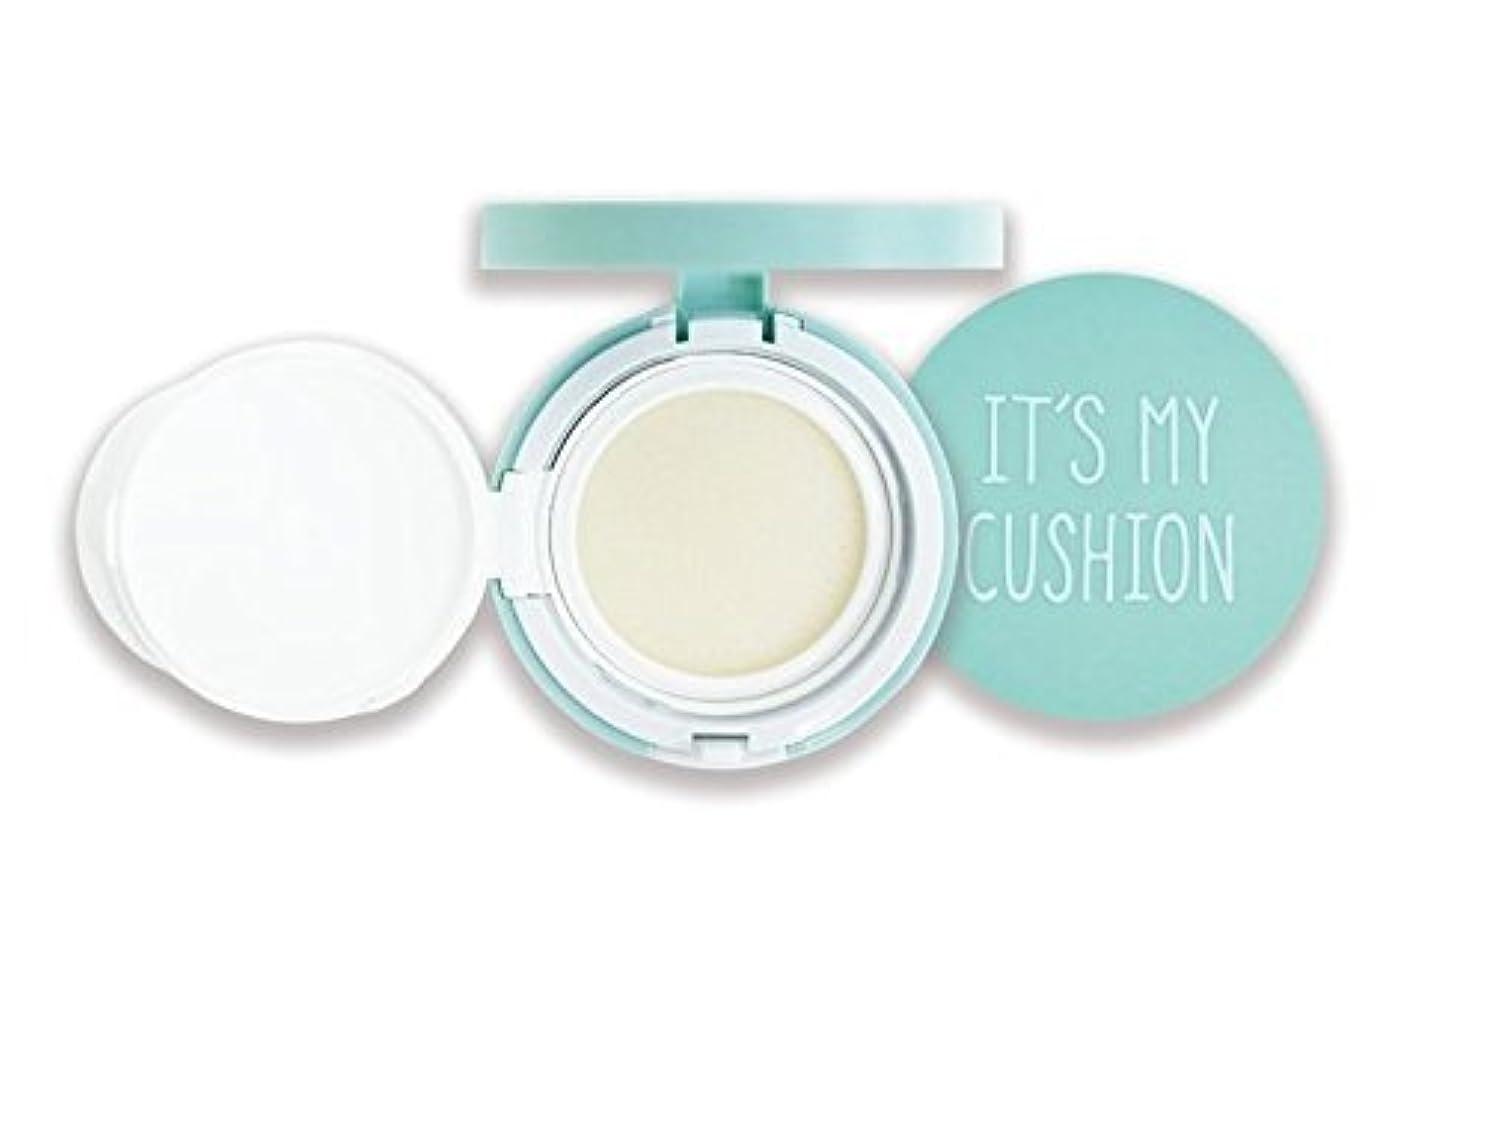 野生場所業界Its My Cushion ケース DIY BB クッションパクト コスメティックケース スポンジ付き、 内部ケース、 自分で作るコスメティックケース (クッションケー スカラー : ミント) (Mint Case) [並行輸入品]